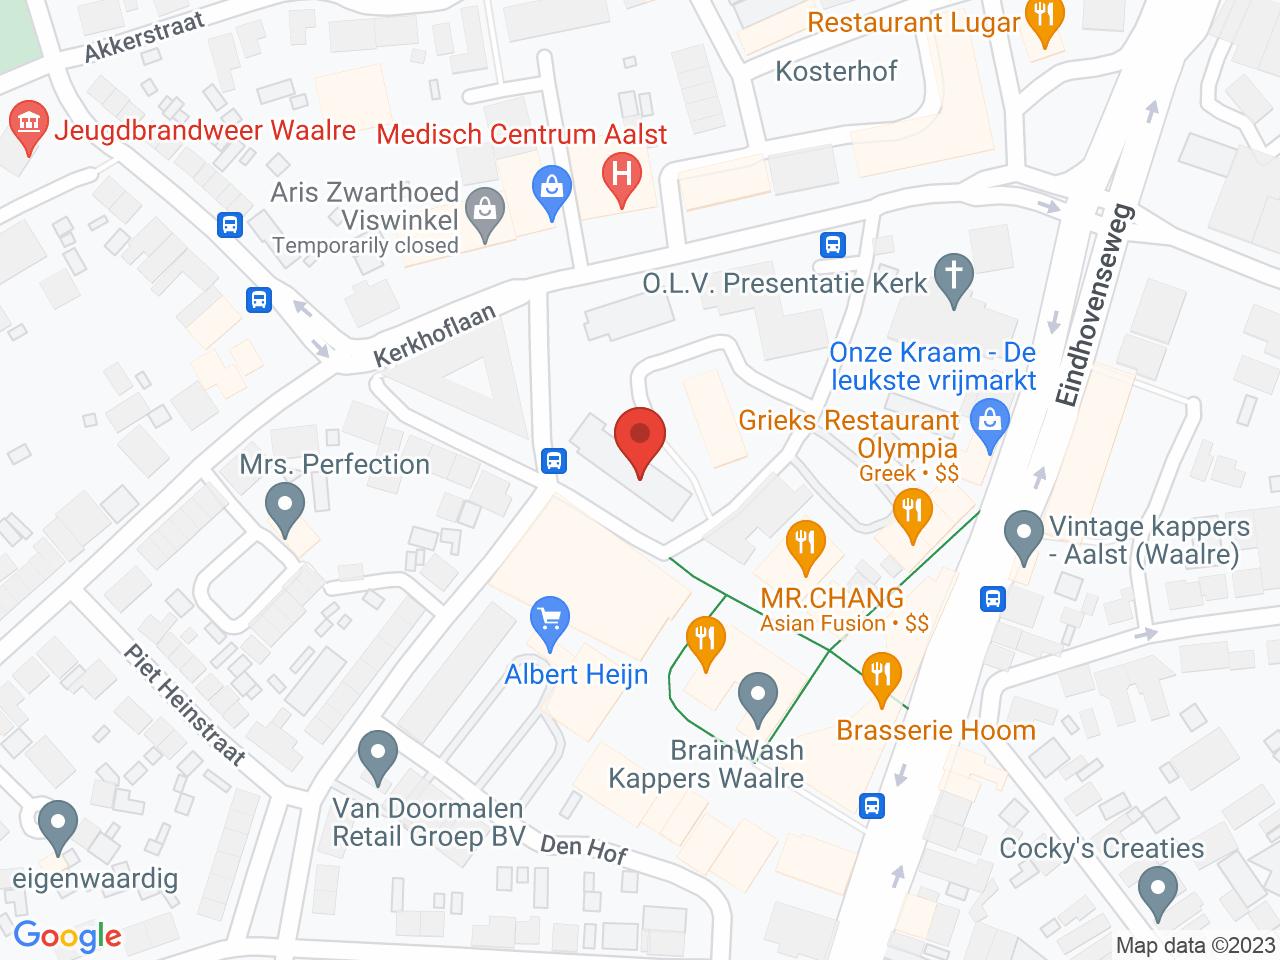 Hofstede appartementen op een kaart getoond.